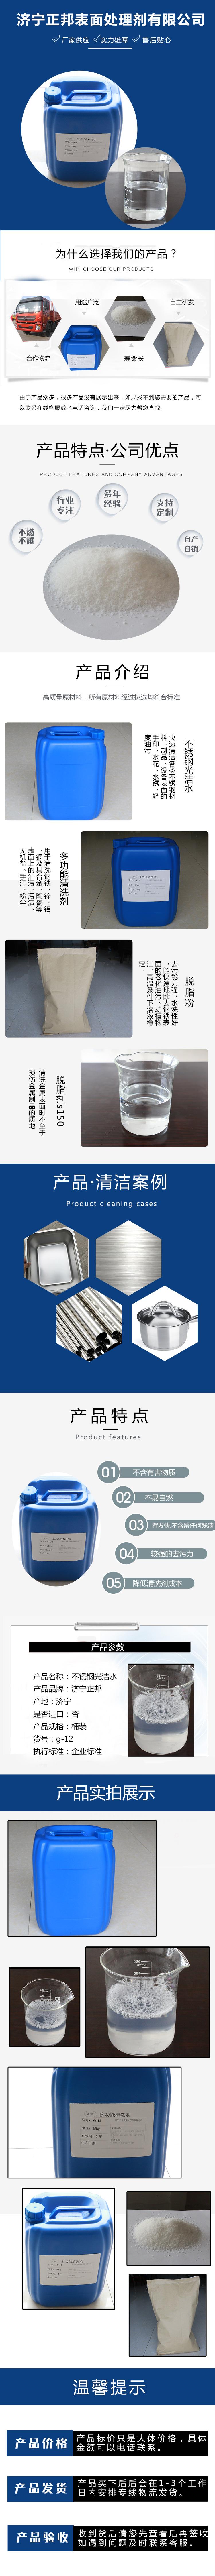 不锈钢光洁水多功能清洗剂脱脂粉脱脂剂s150.jpg